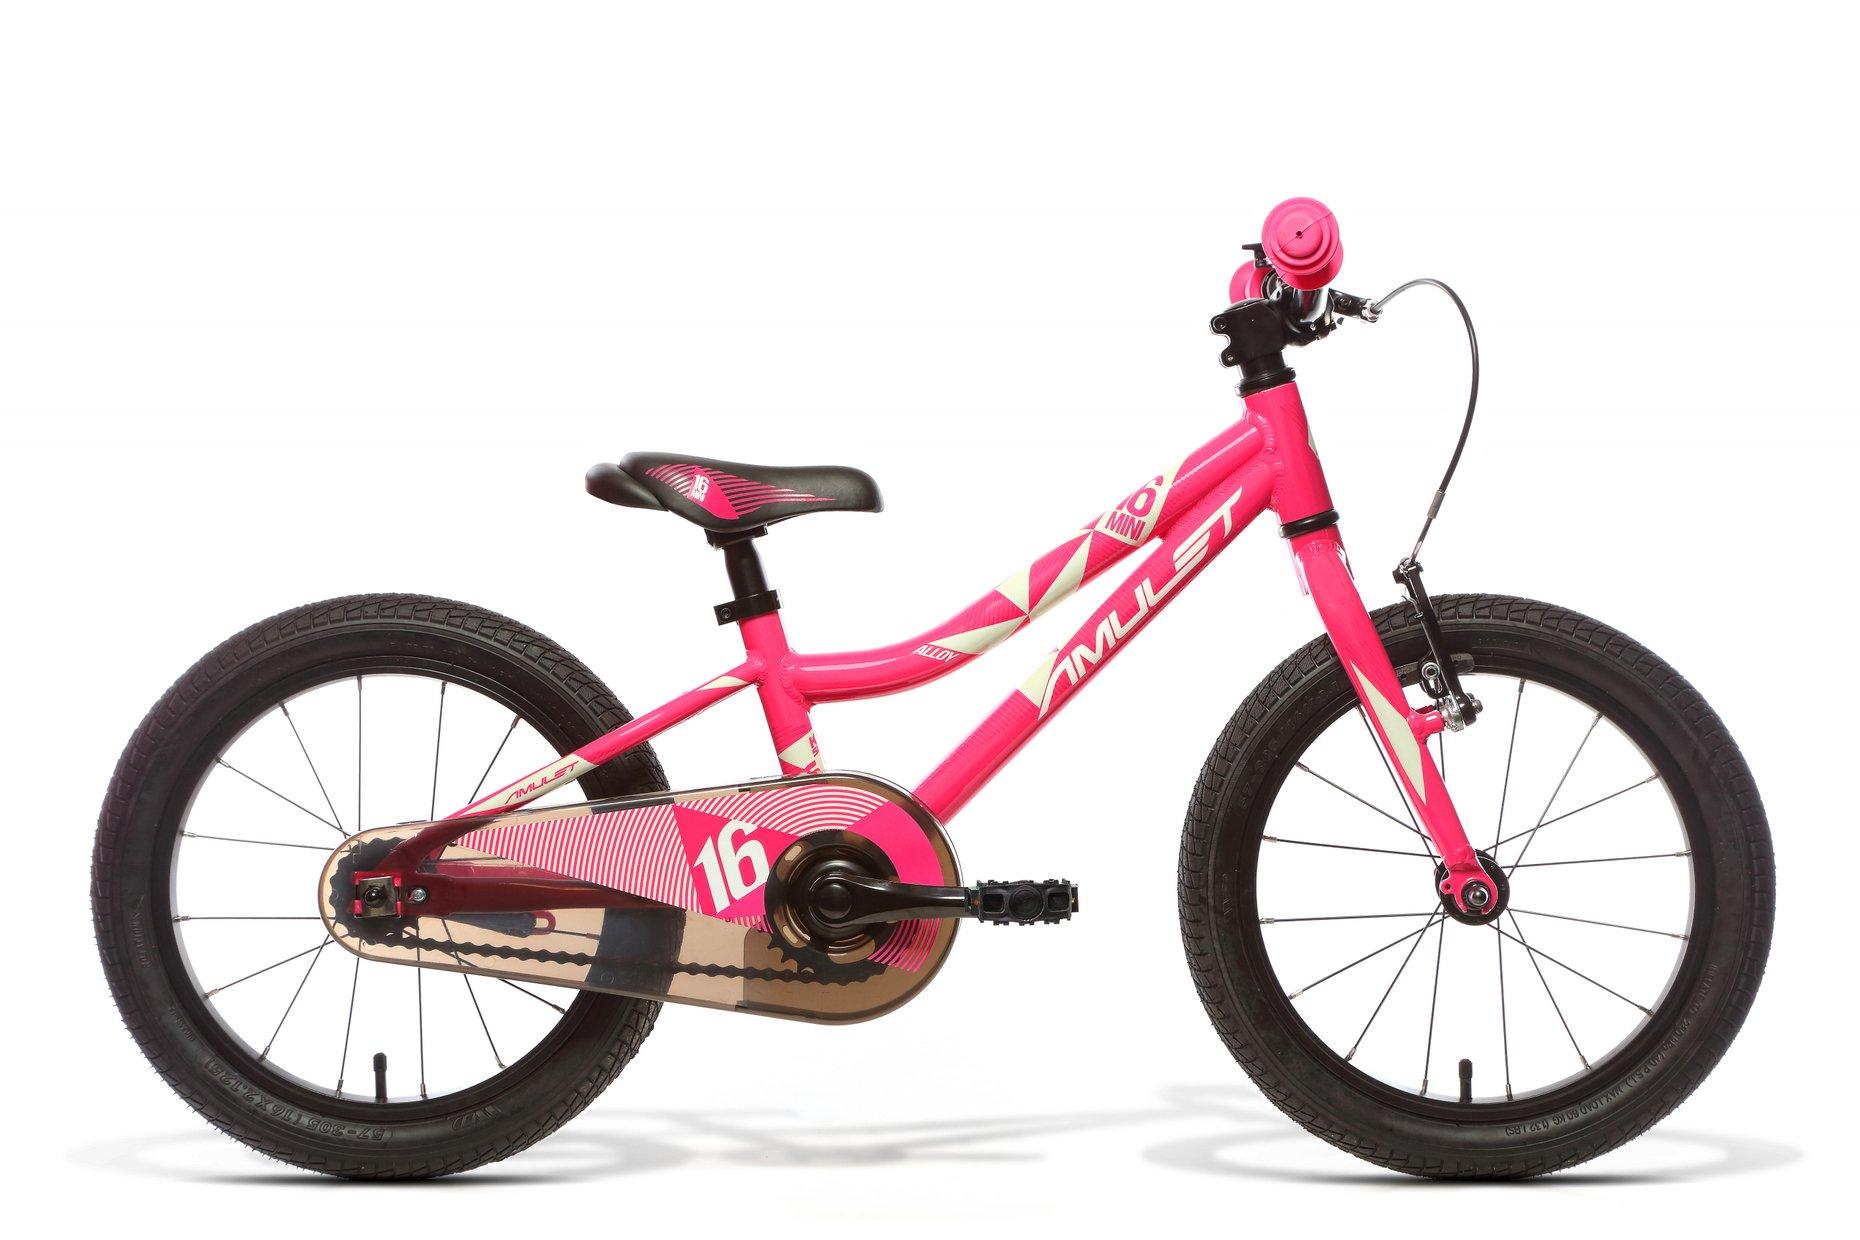 Amulet Mini Lite 16 Pink - Amulet Mini Lite 16 2020